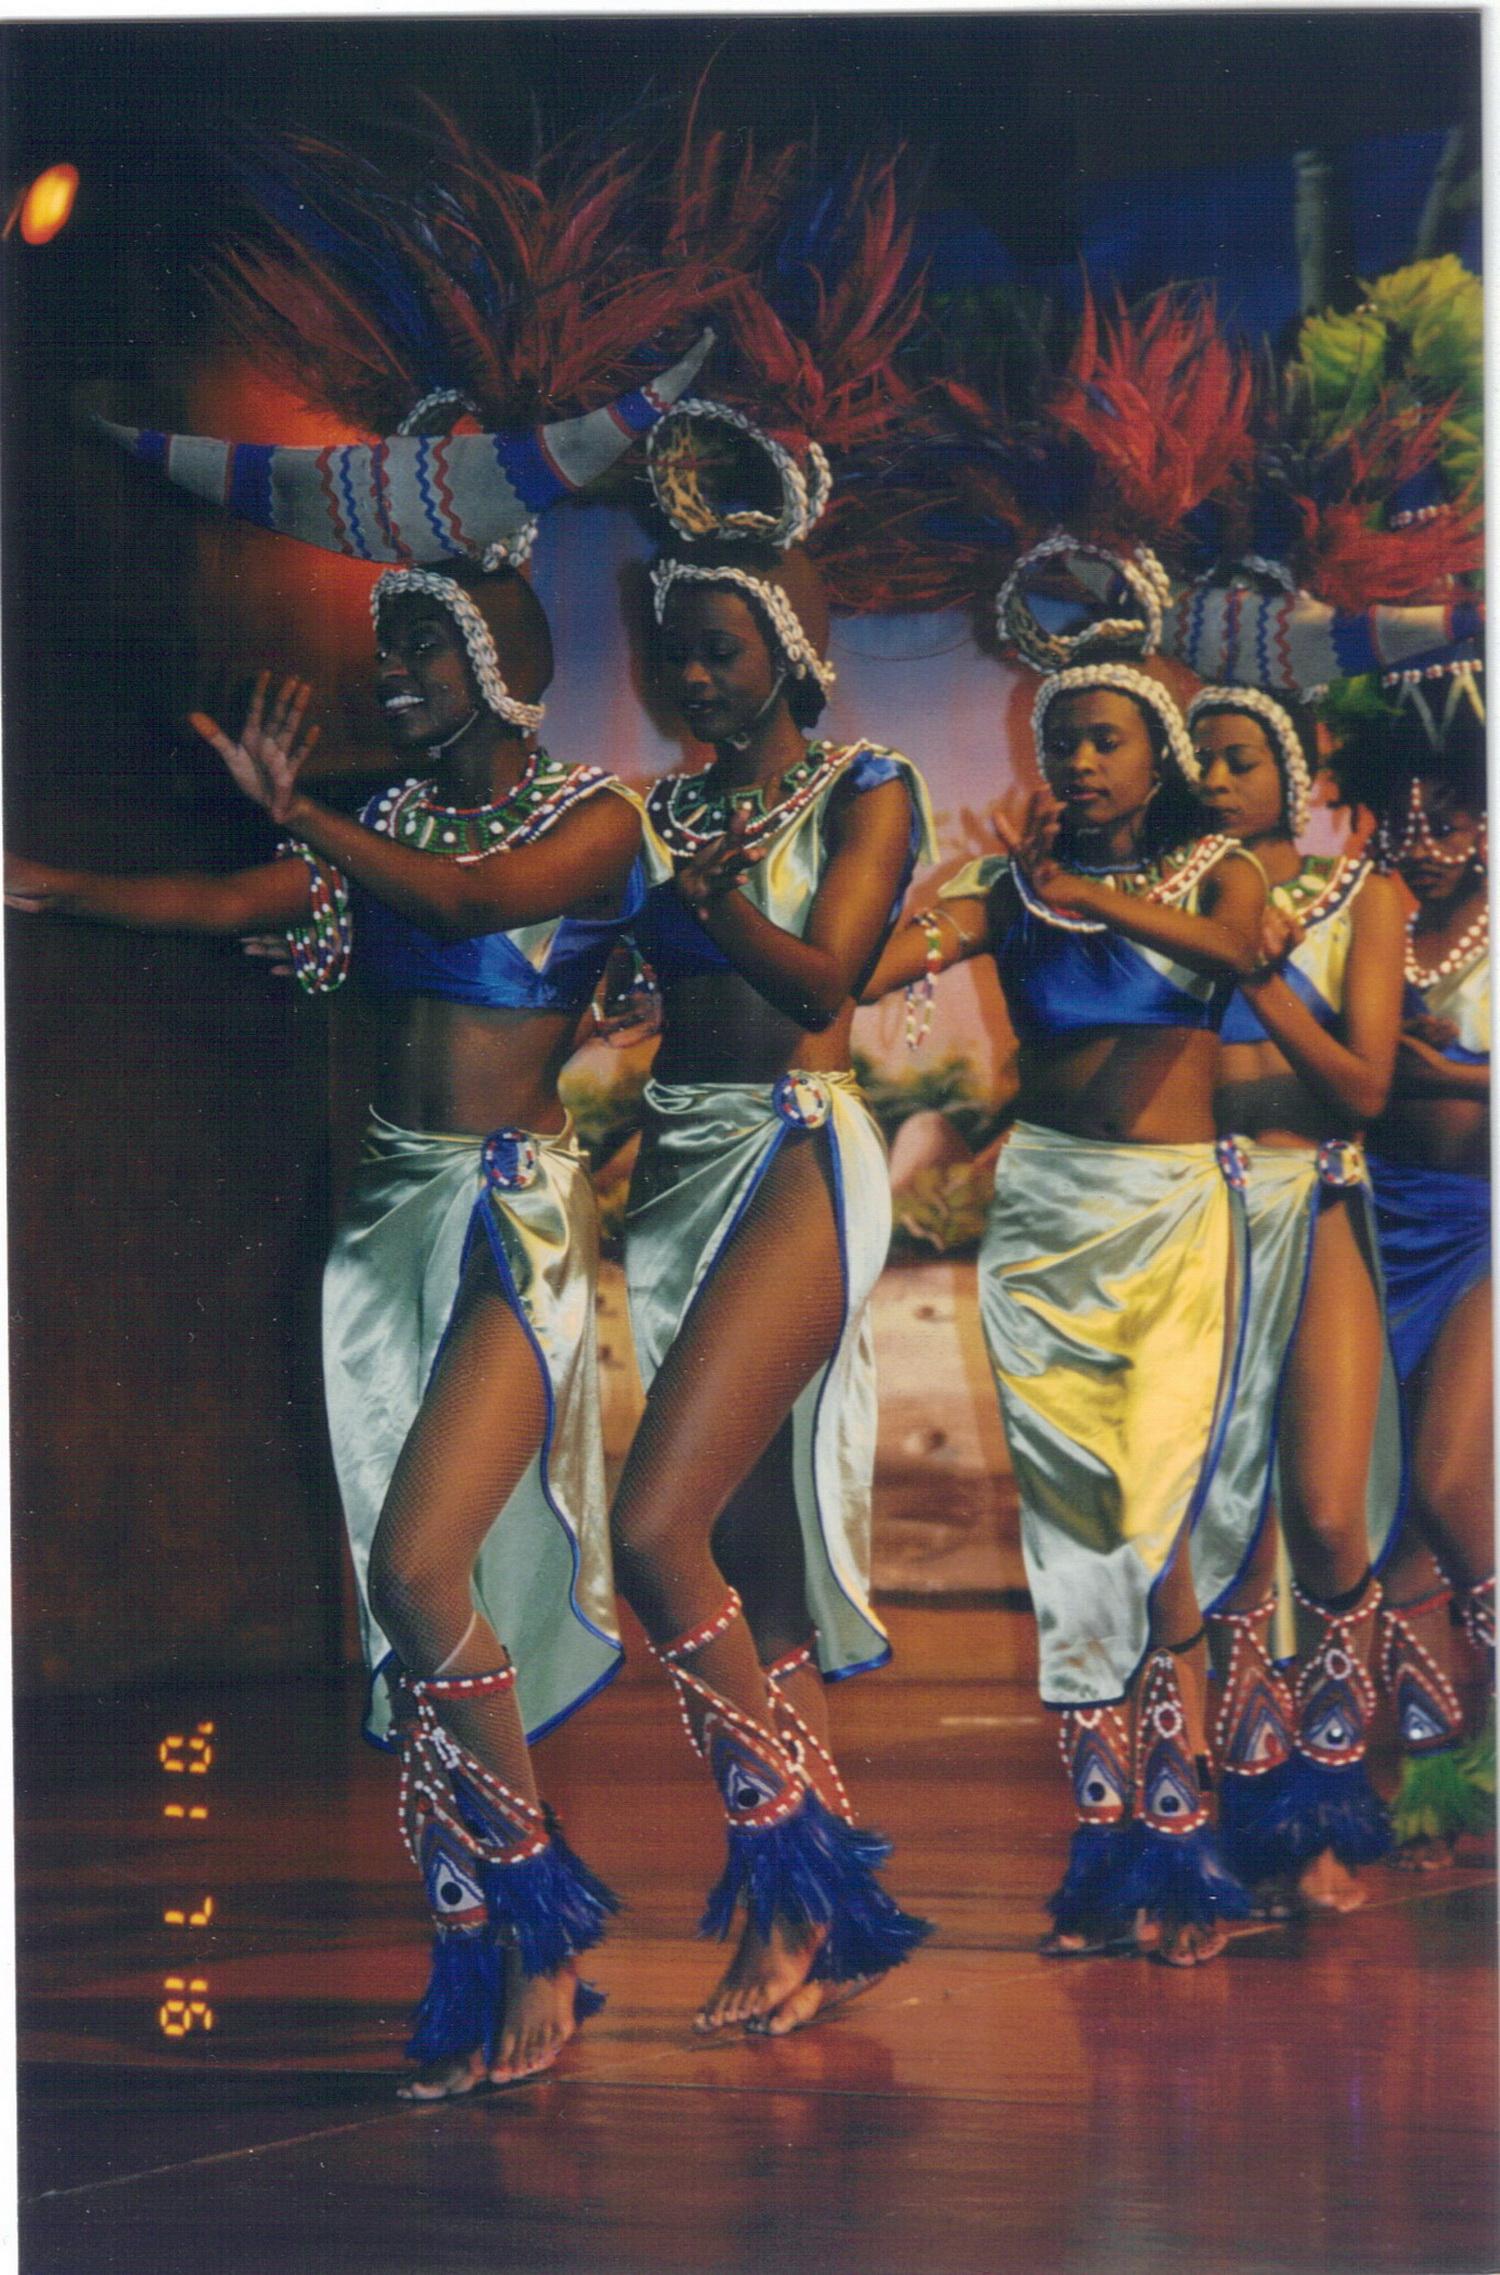 肯尼亚的民间舞蹈.jpg